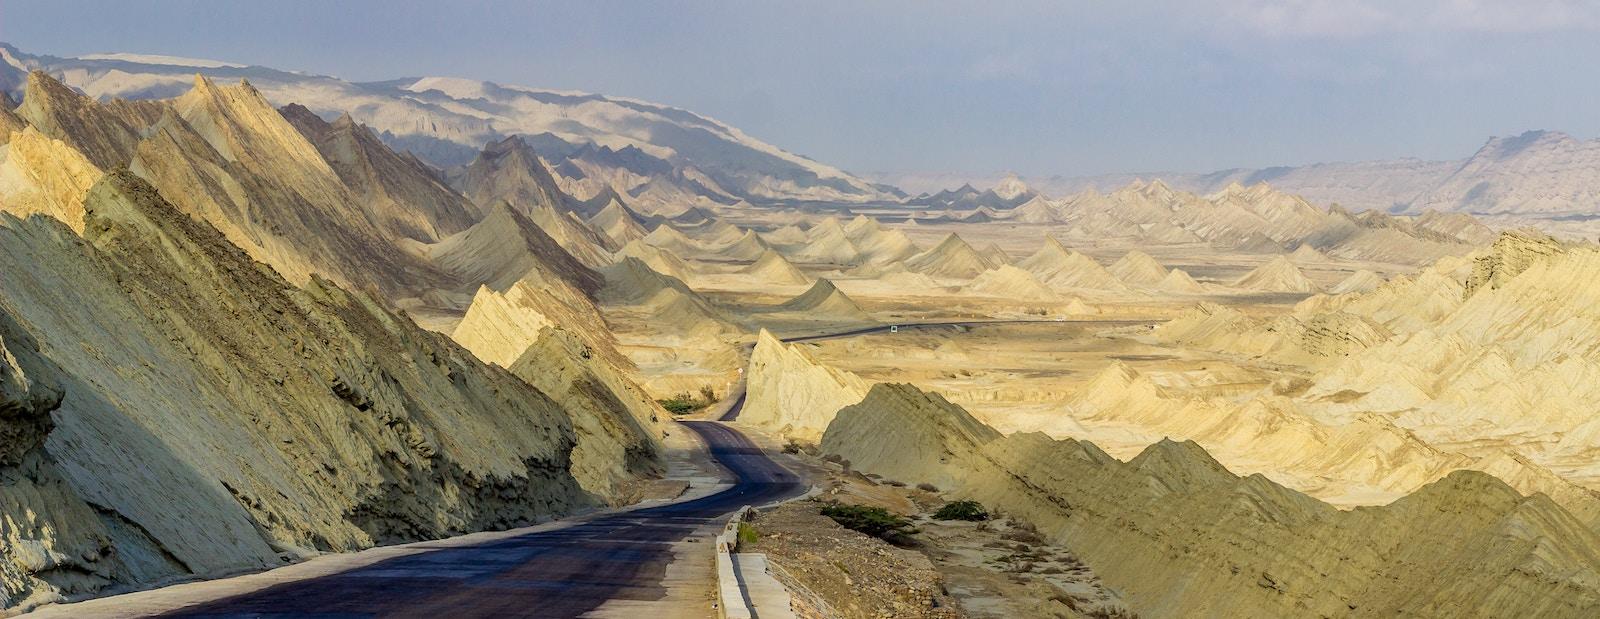 Mountain pass in Pakistan (Photo: Traveller/ Unsplash)